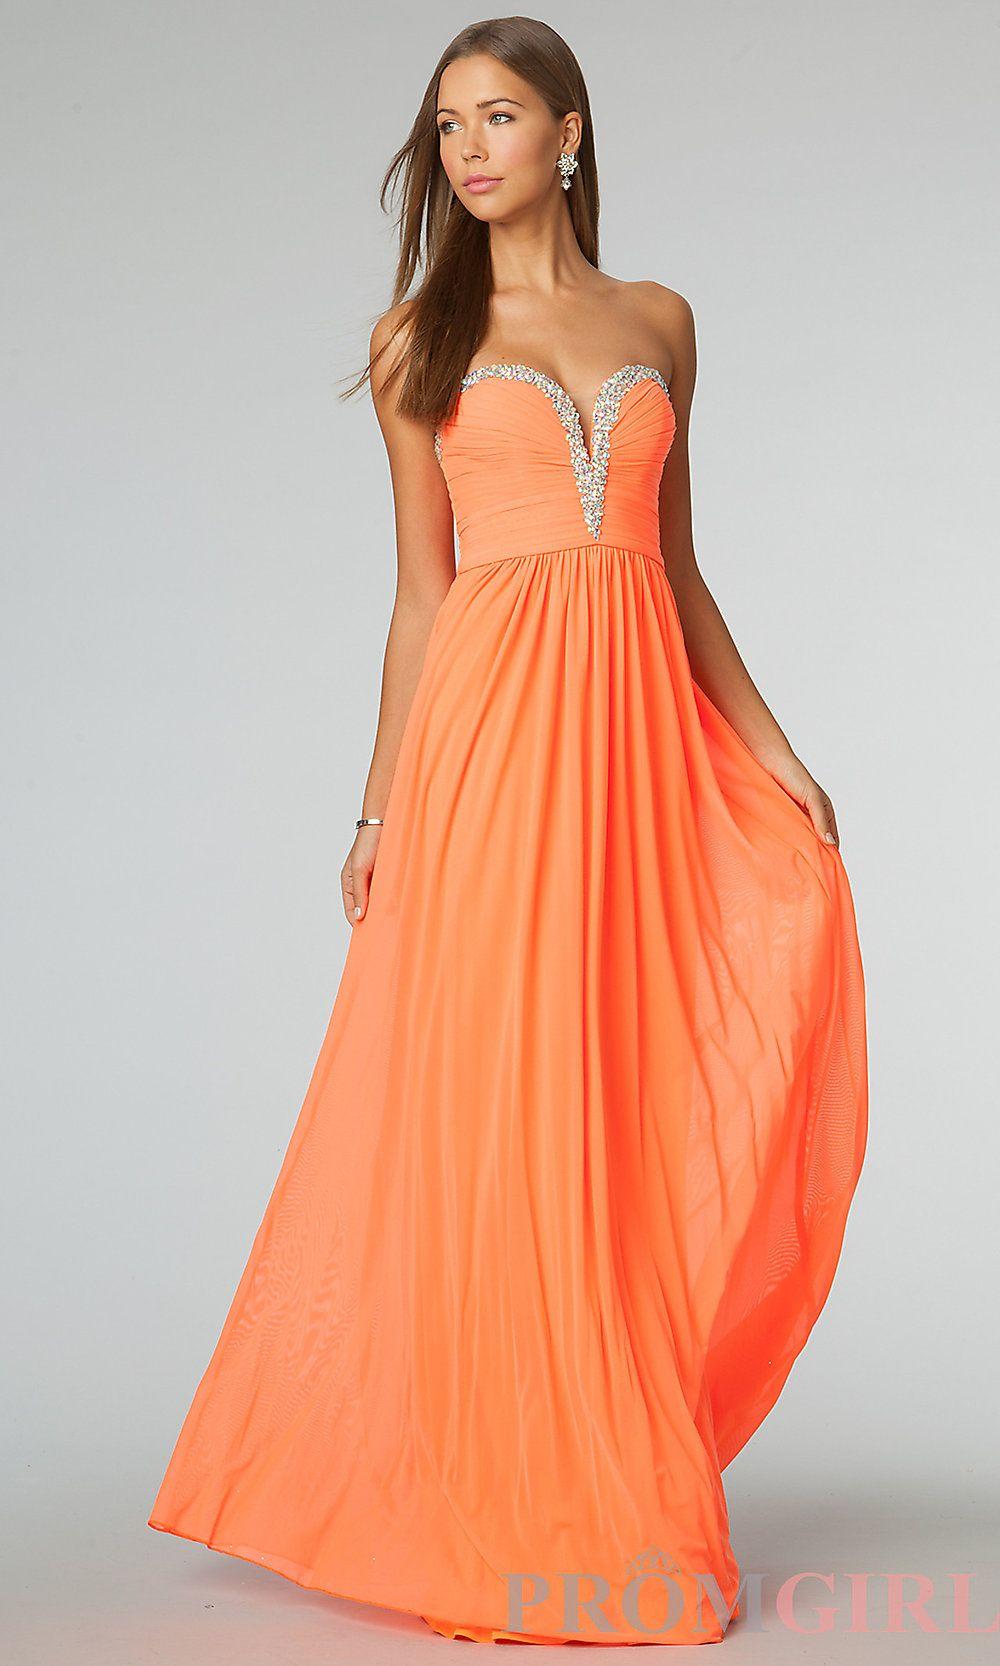 Orange prom dress love this color Orange bridesmaid